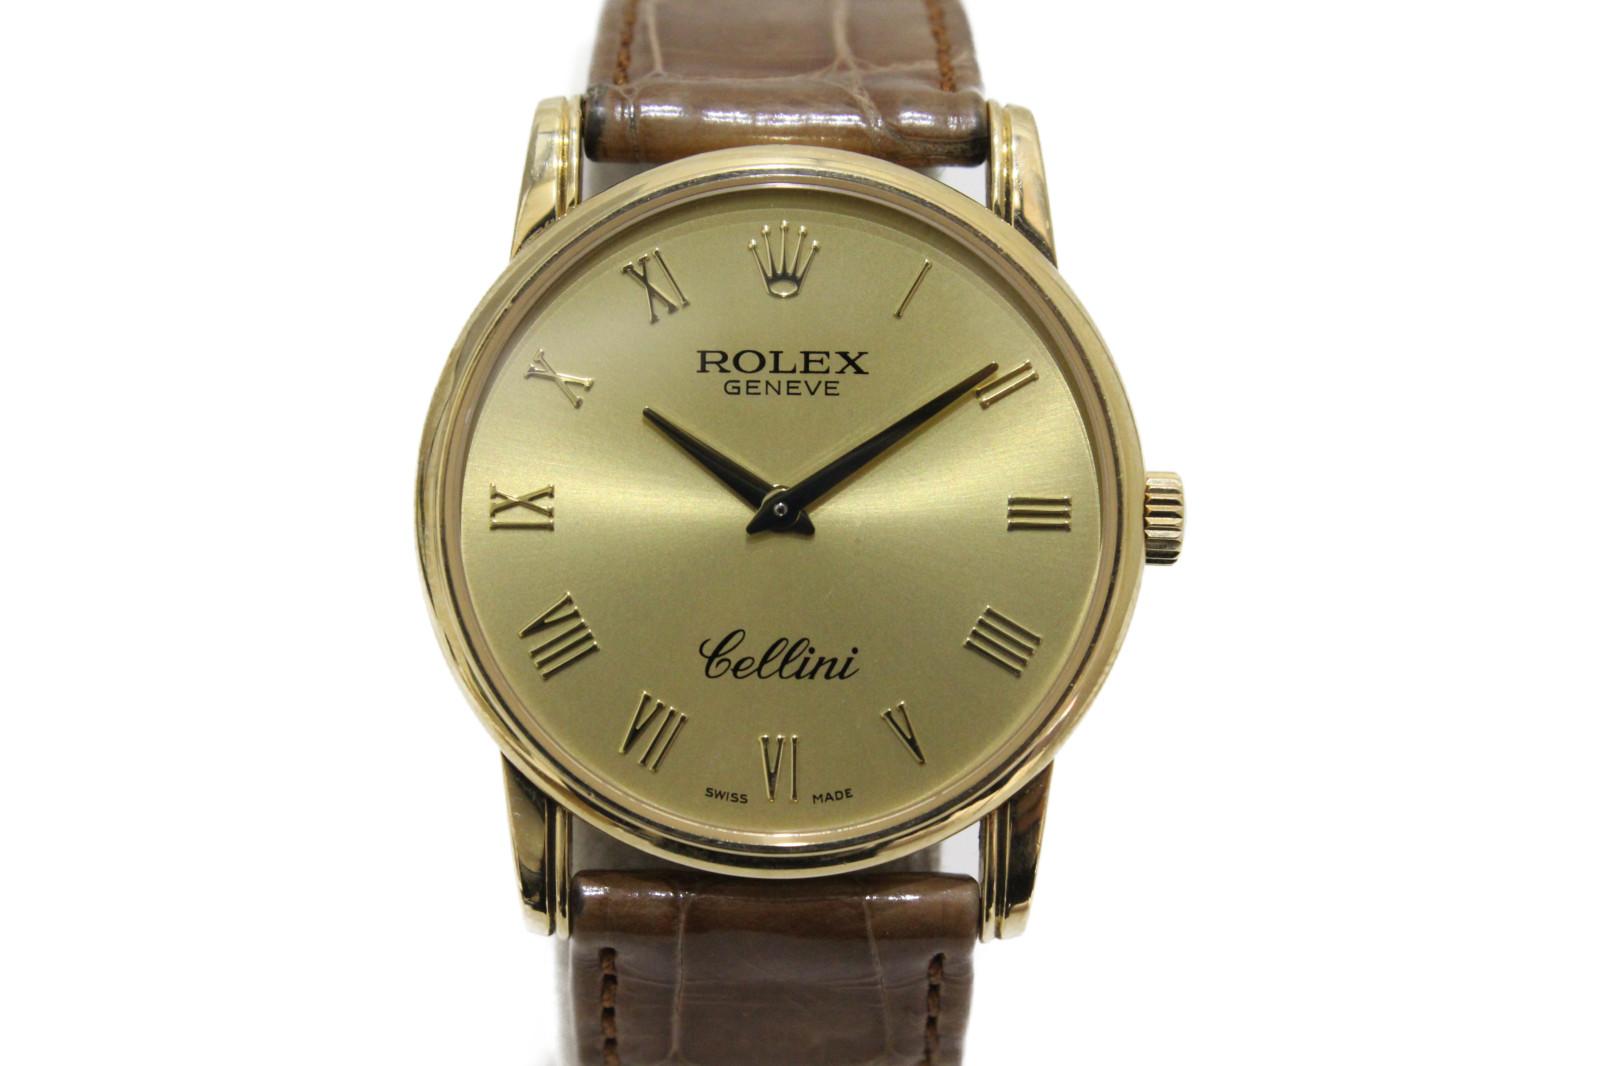 【ギャラ有】ROLEX ロレックス チェリーニ クラシック 5116/8 D番 手巻き 750 K18 イエローゴールド クロコベルト ゴールド メンズ 腕時計【中古】